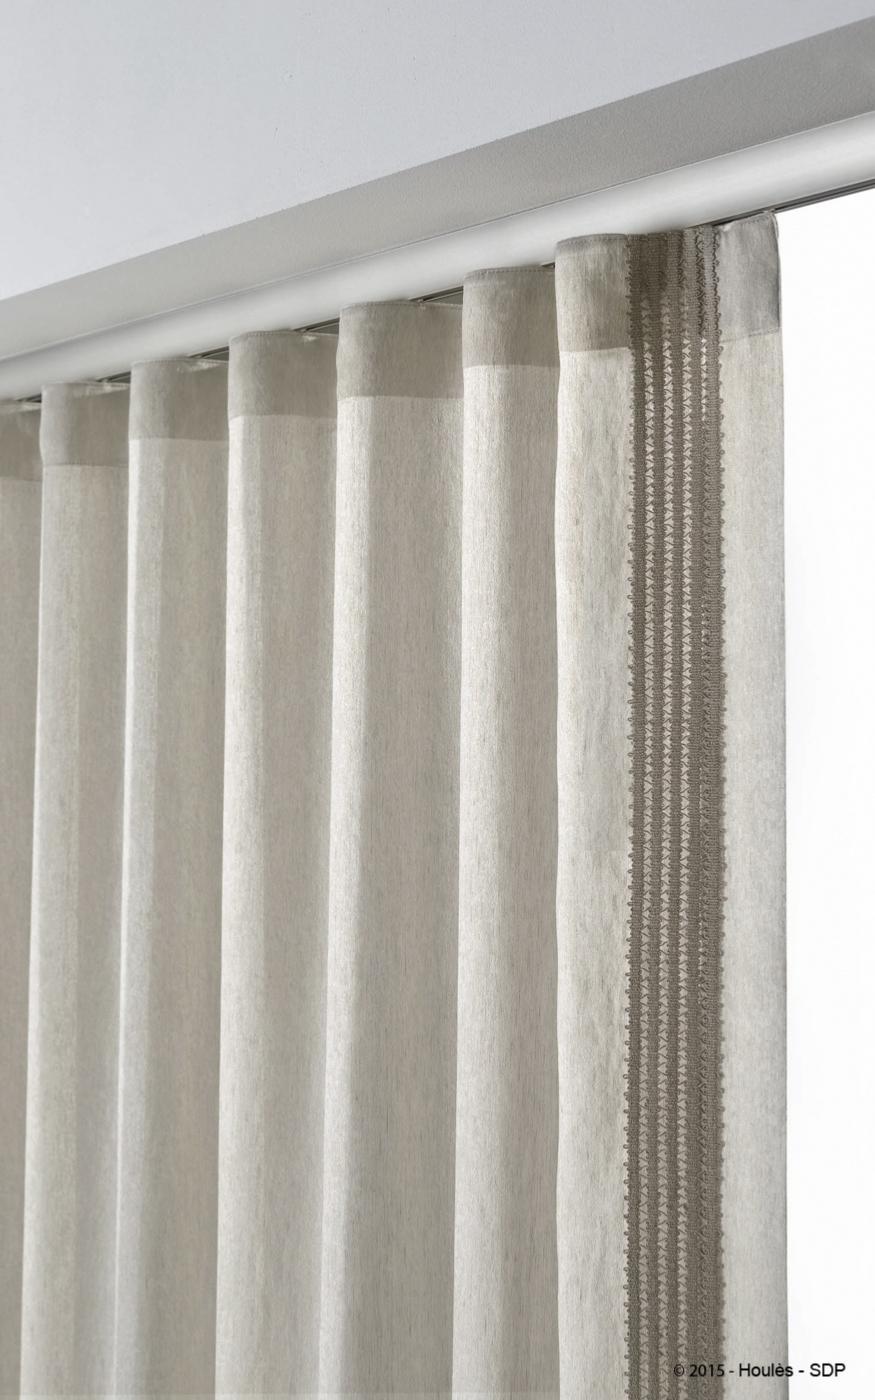 rideau en voilage lin polyester grazia de chez houles